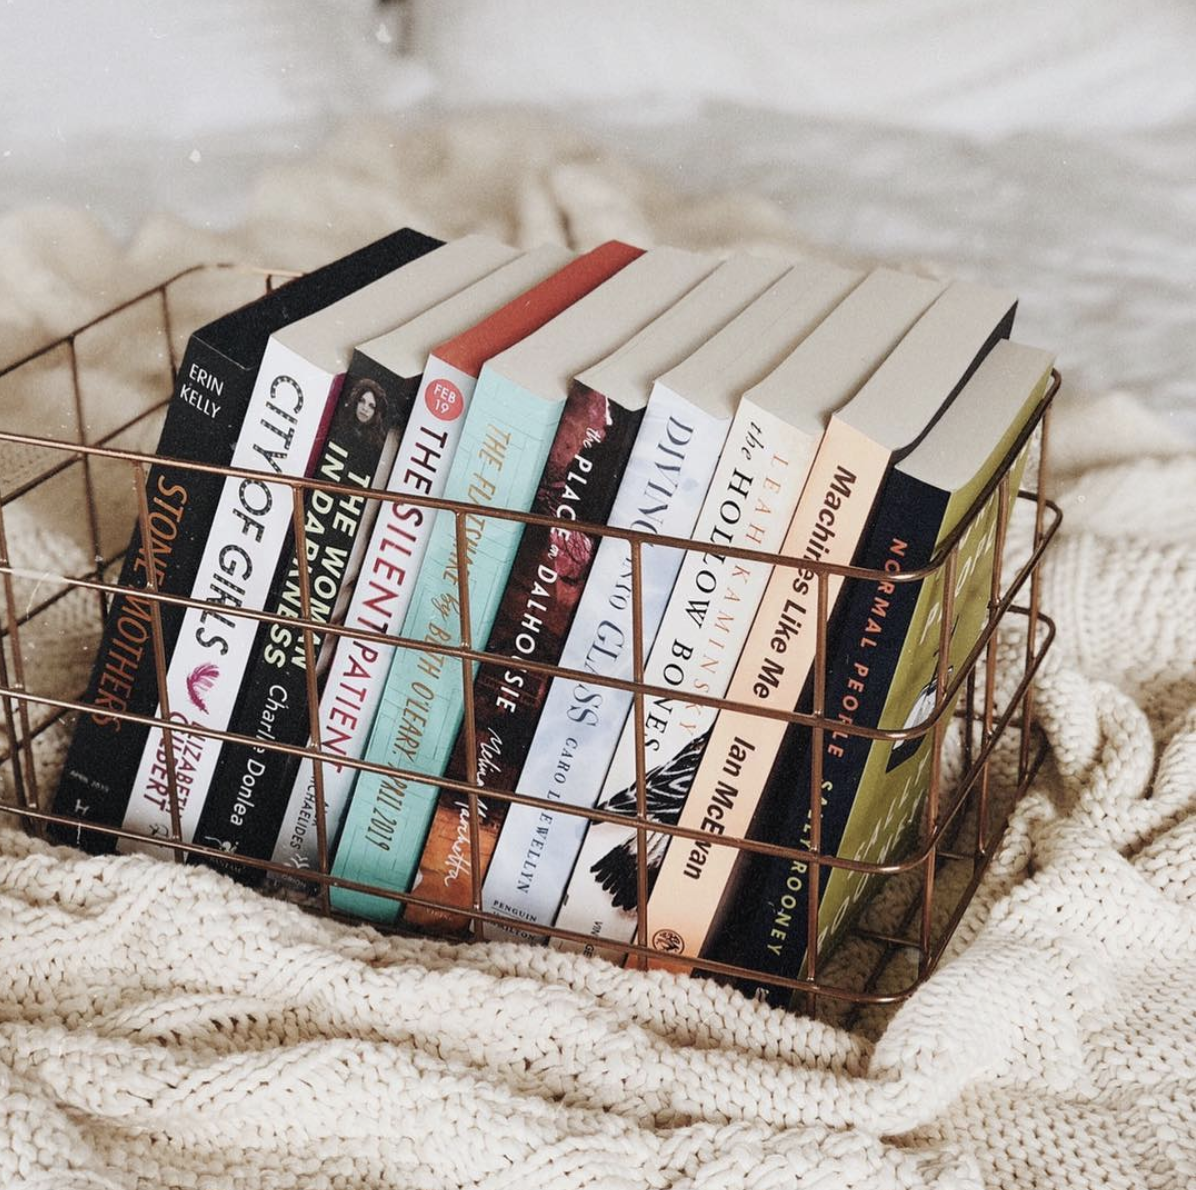 metalinė daiktadežė knygoms